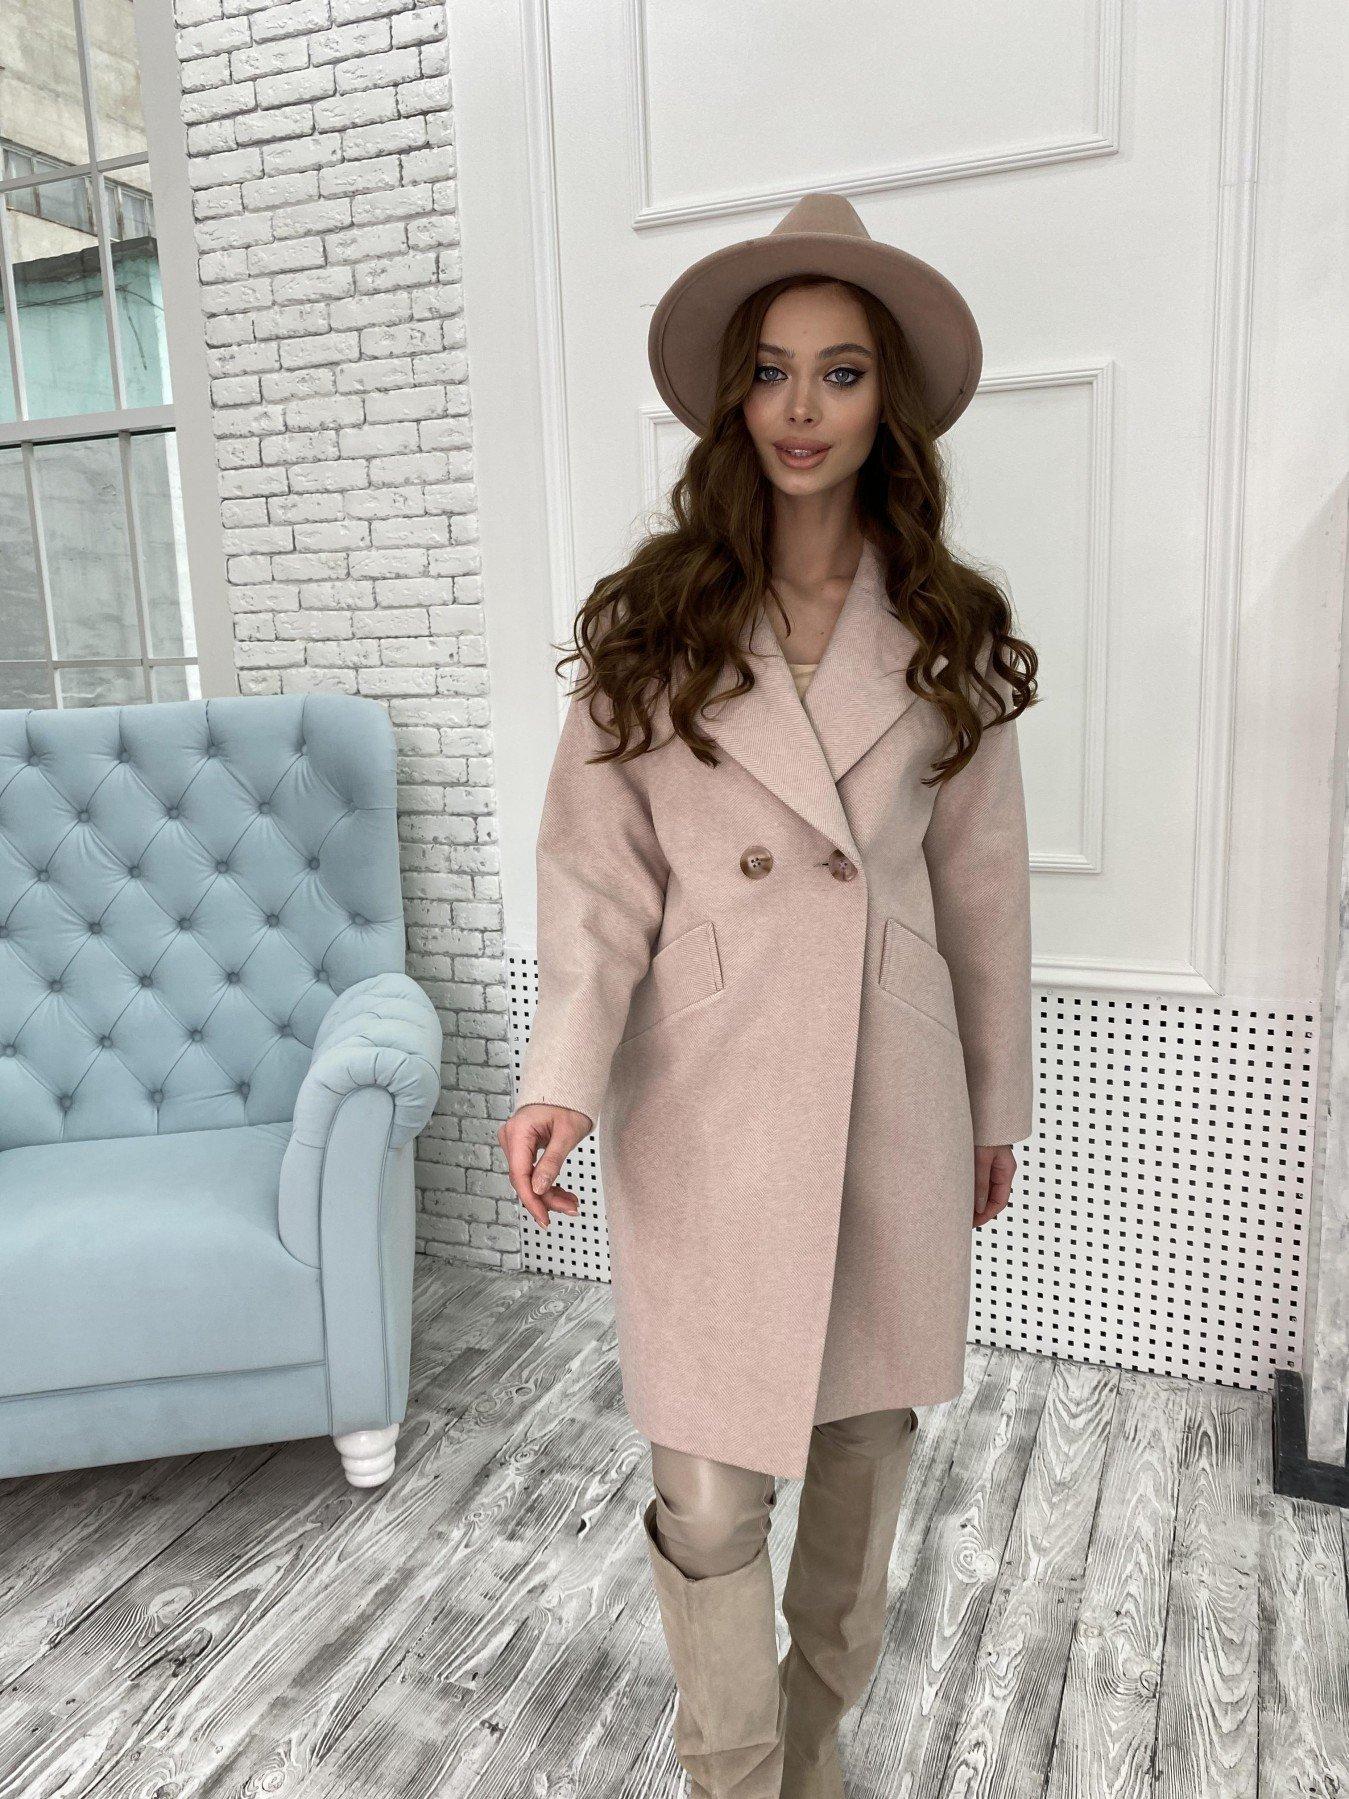 Сенсей Елка пальтовая ткань пальто 10791 АРТ. 47273 Цвет: Пудра - фото 4, интернет магазин tm-modus.ru